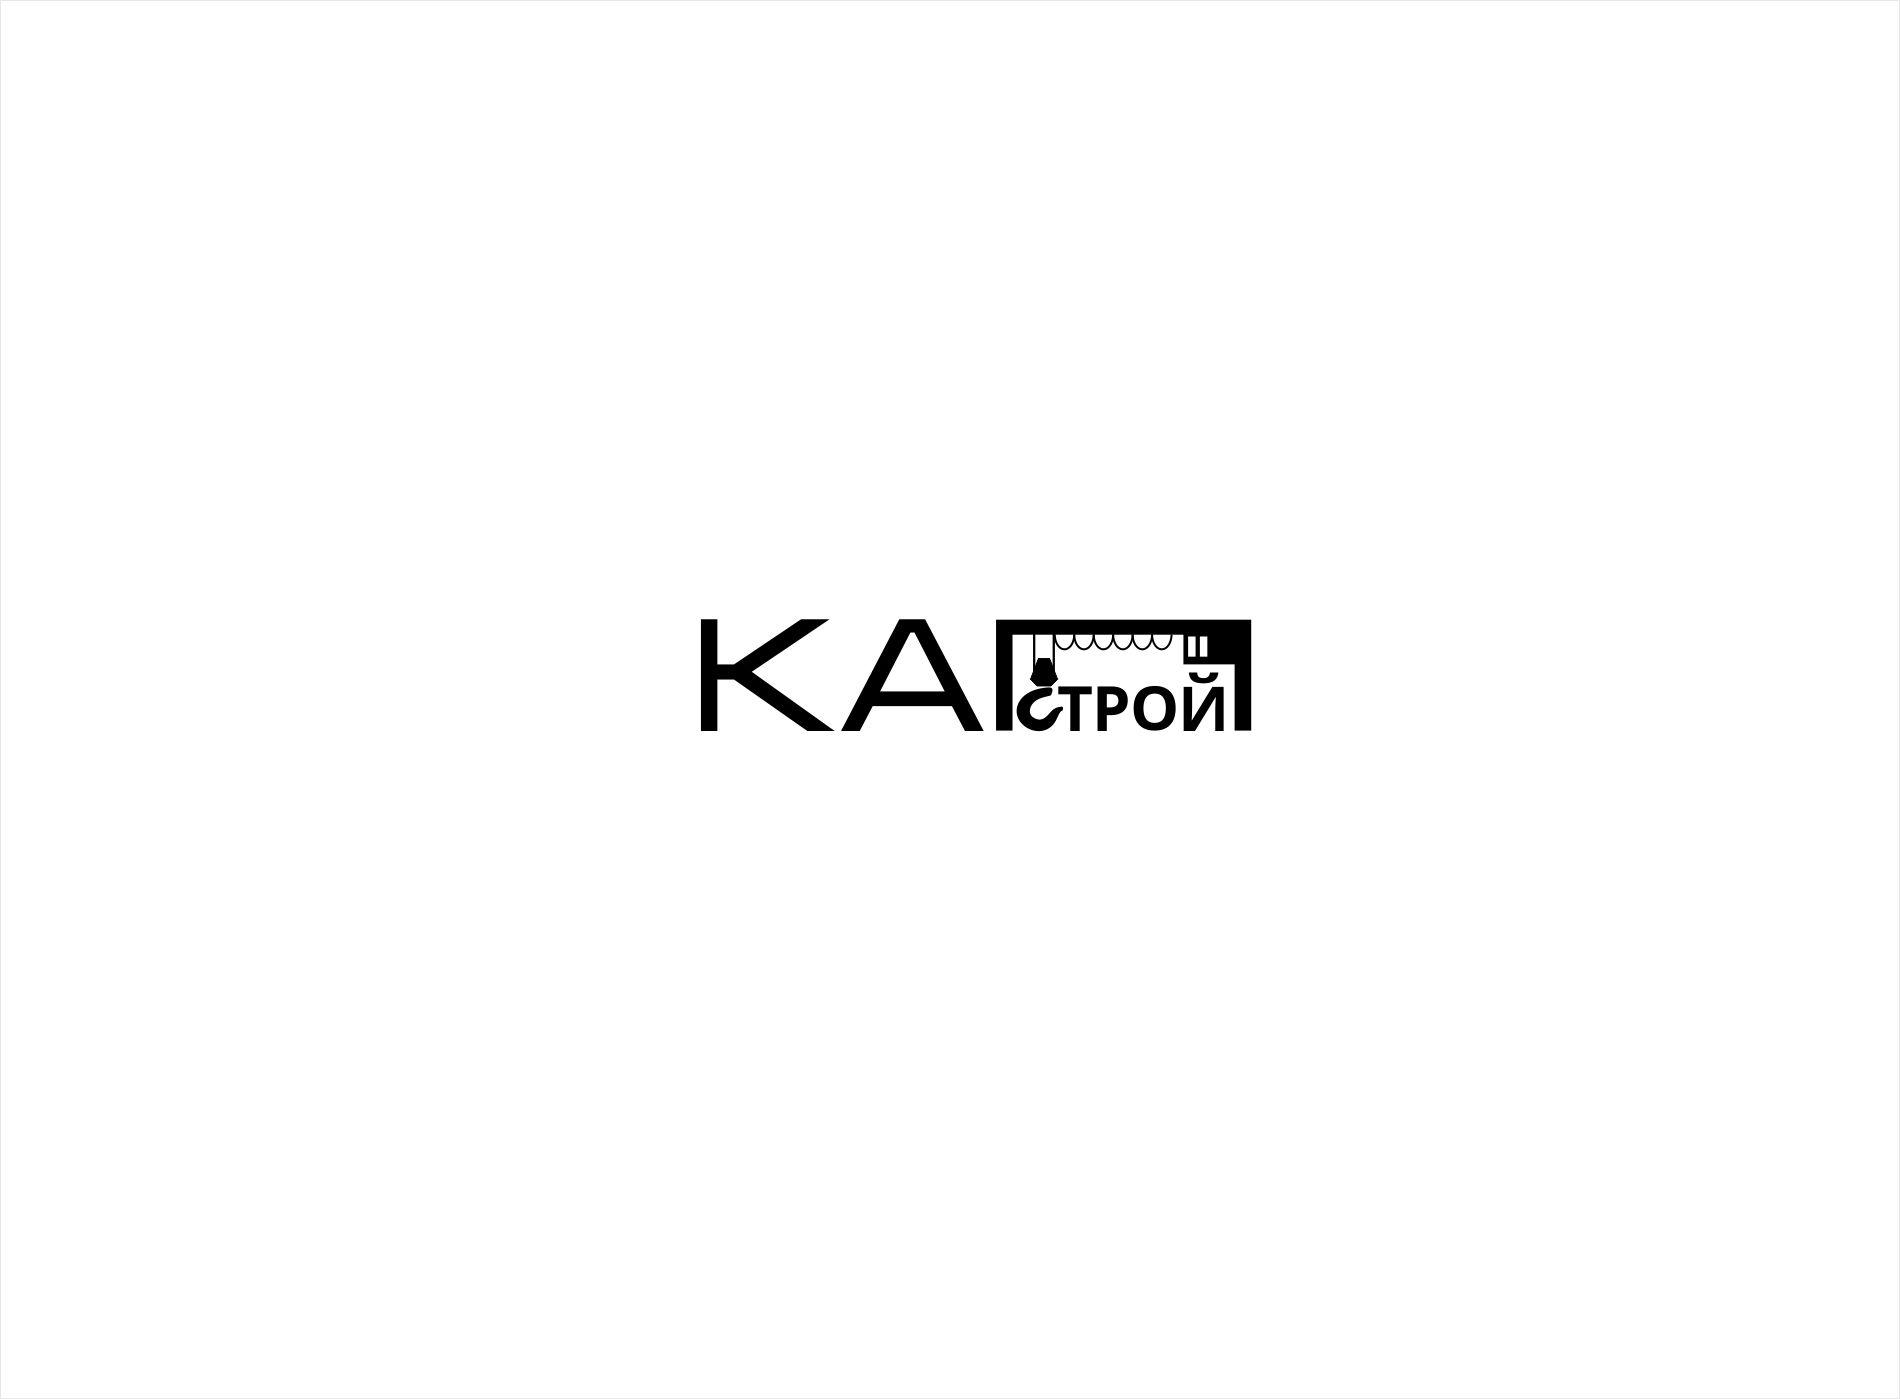 Лого и фирменный стиль для Капстрой  - дизайнер kras-sky